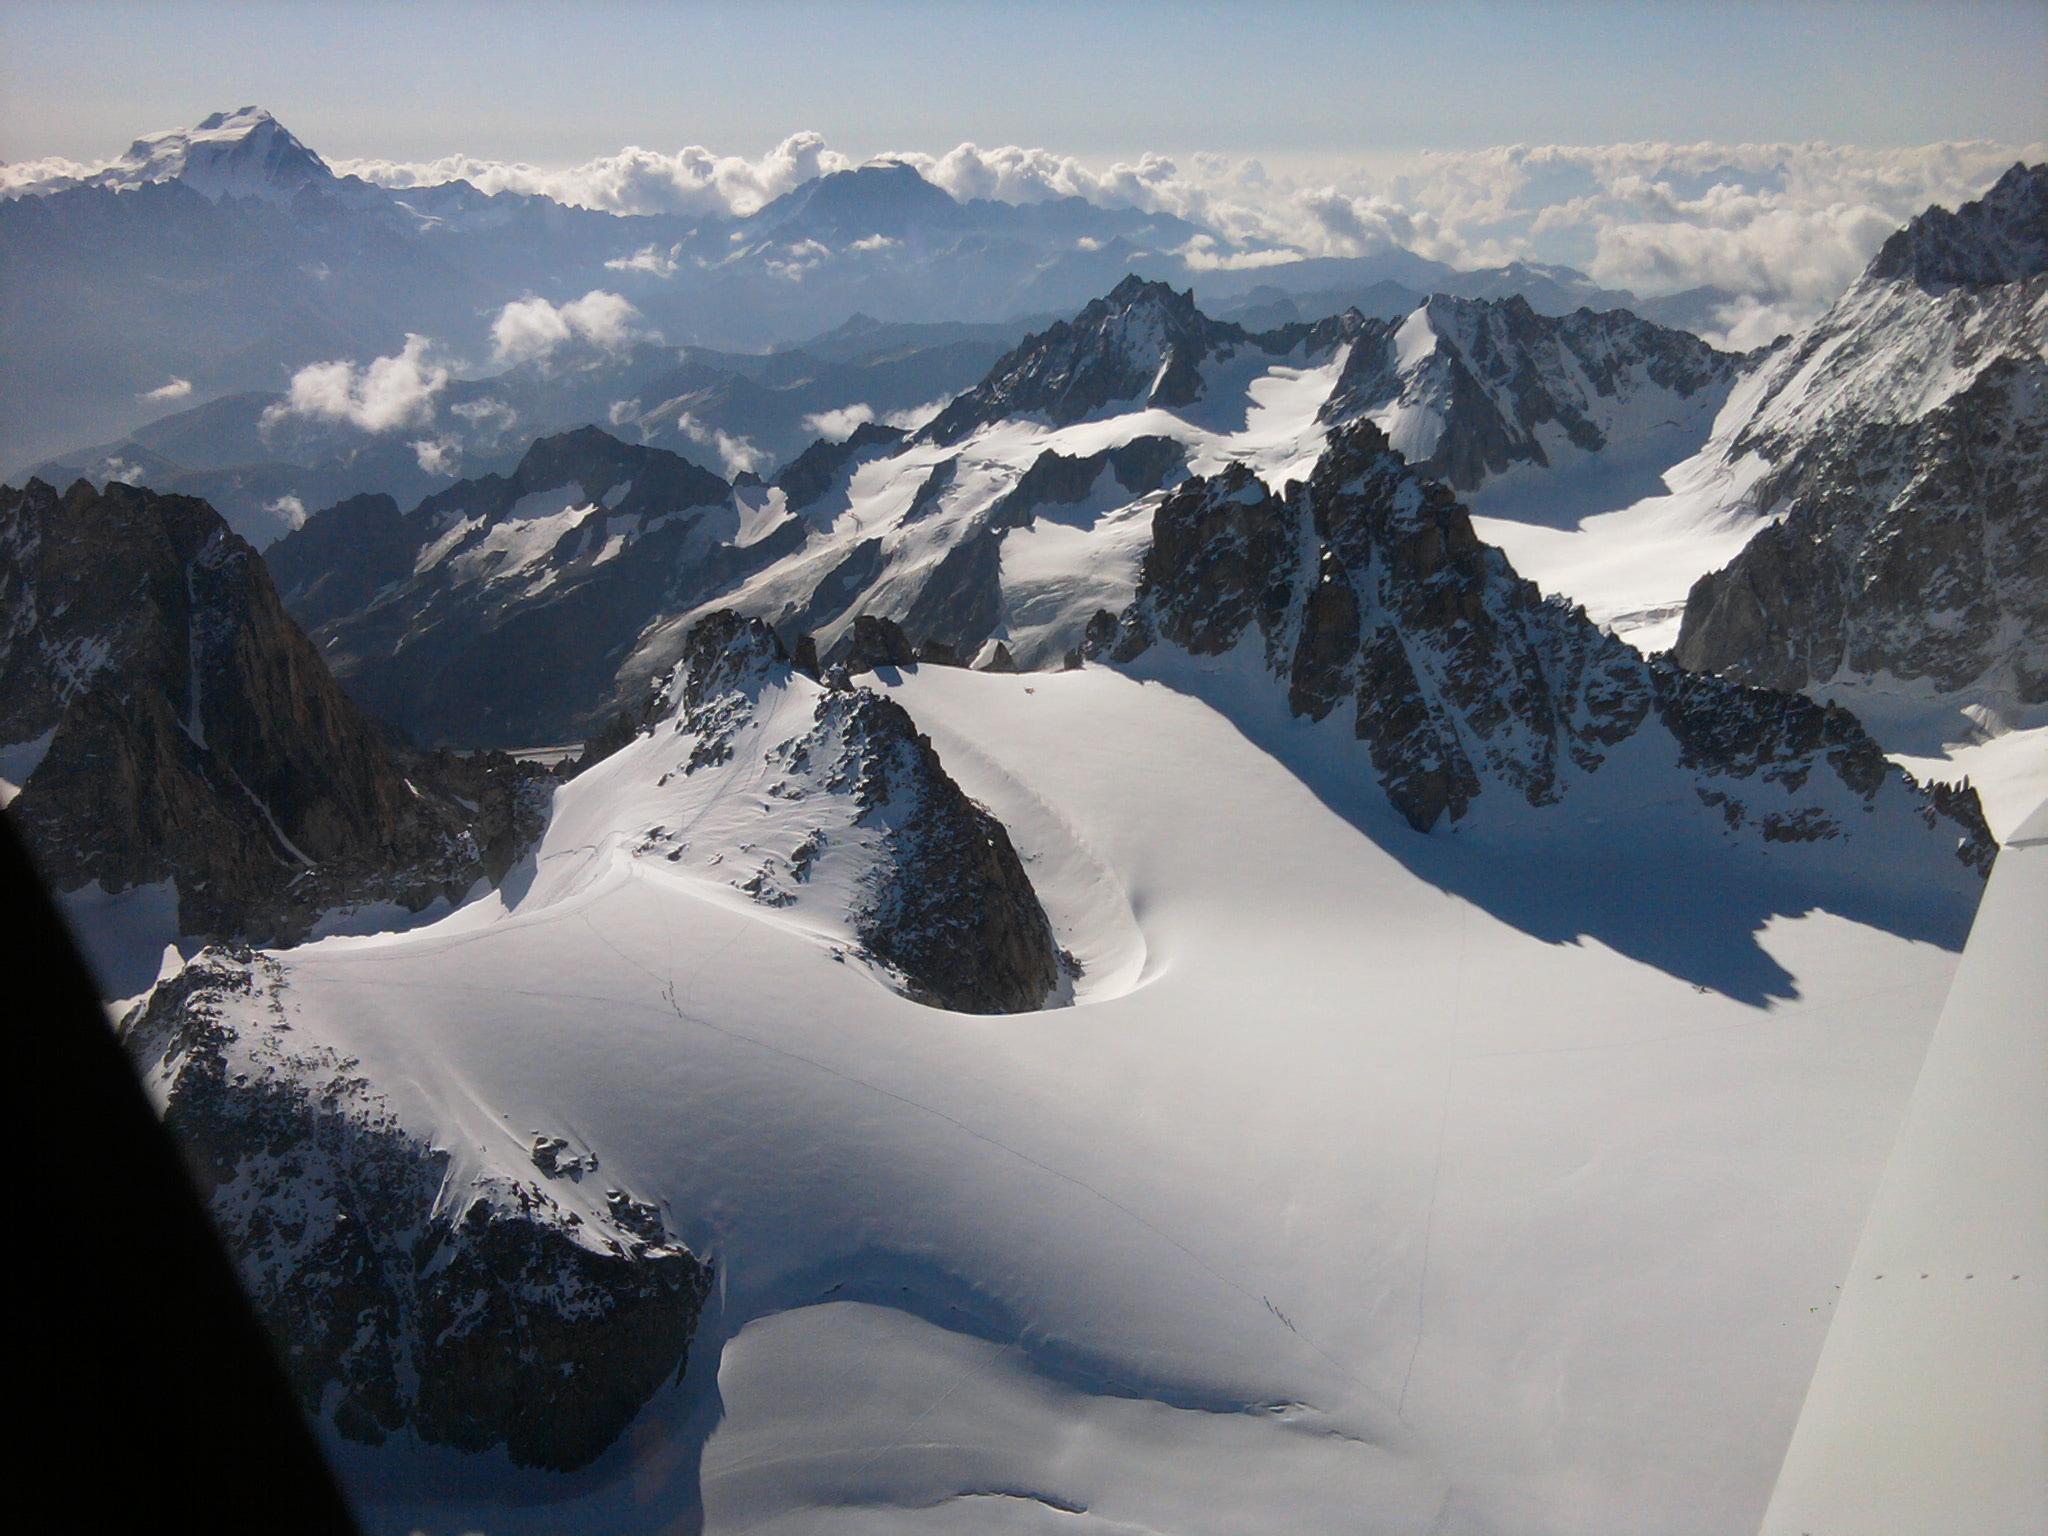 La neige immaculée des montagnes